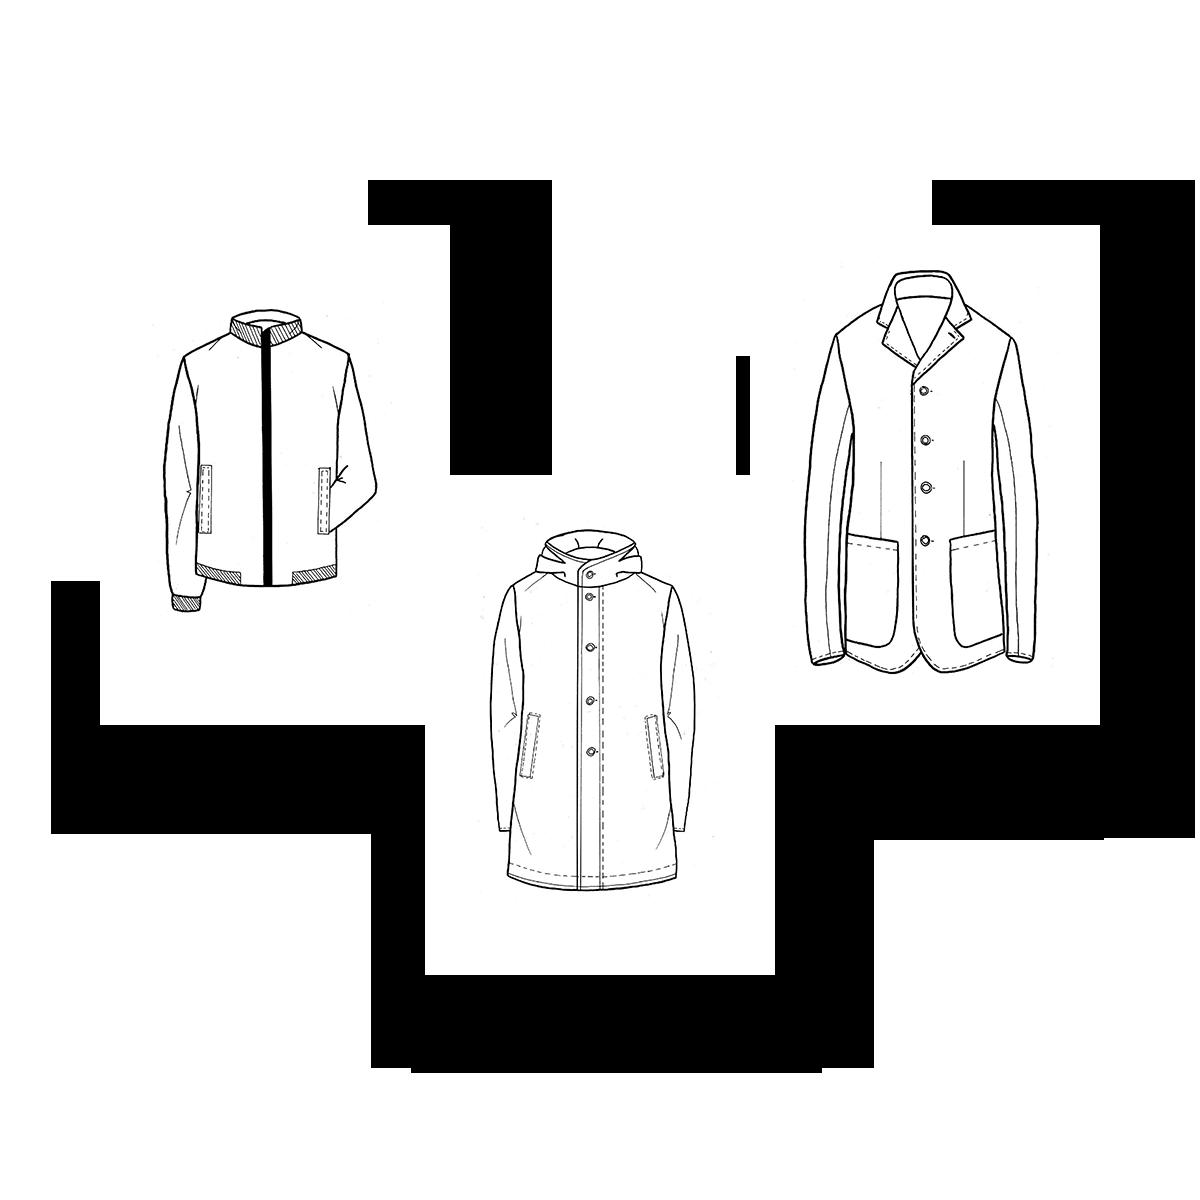 Abbigliamento moderno su misura - Archivio R Sartoria Contemporanea a Torino